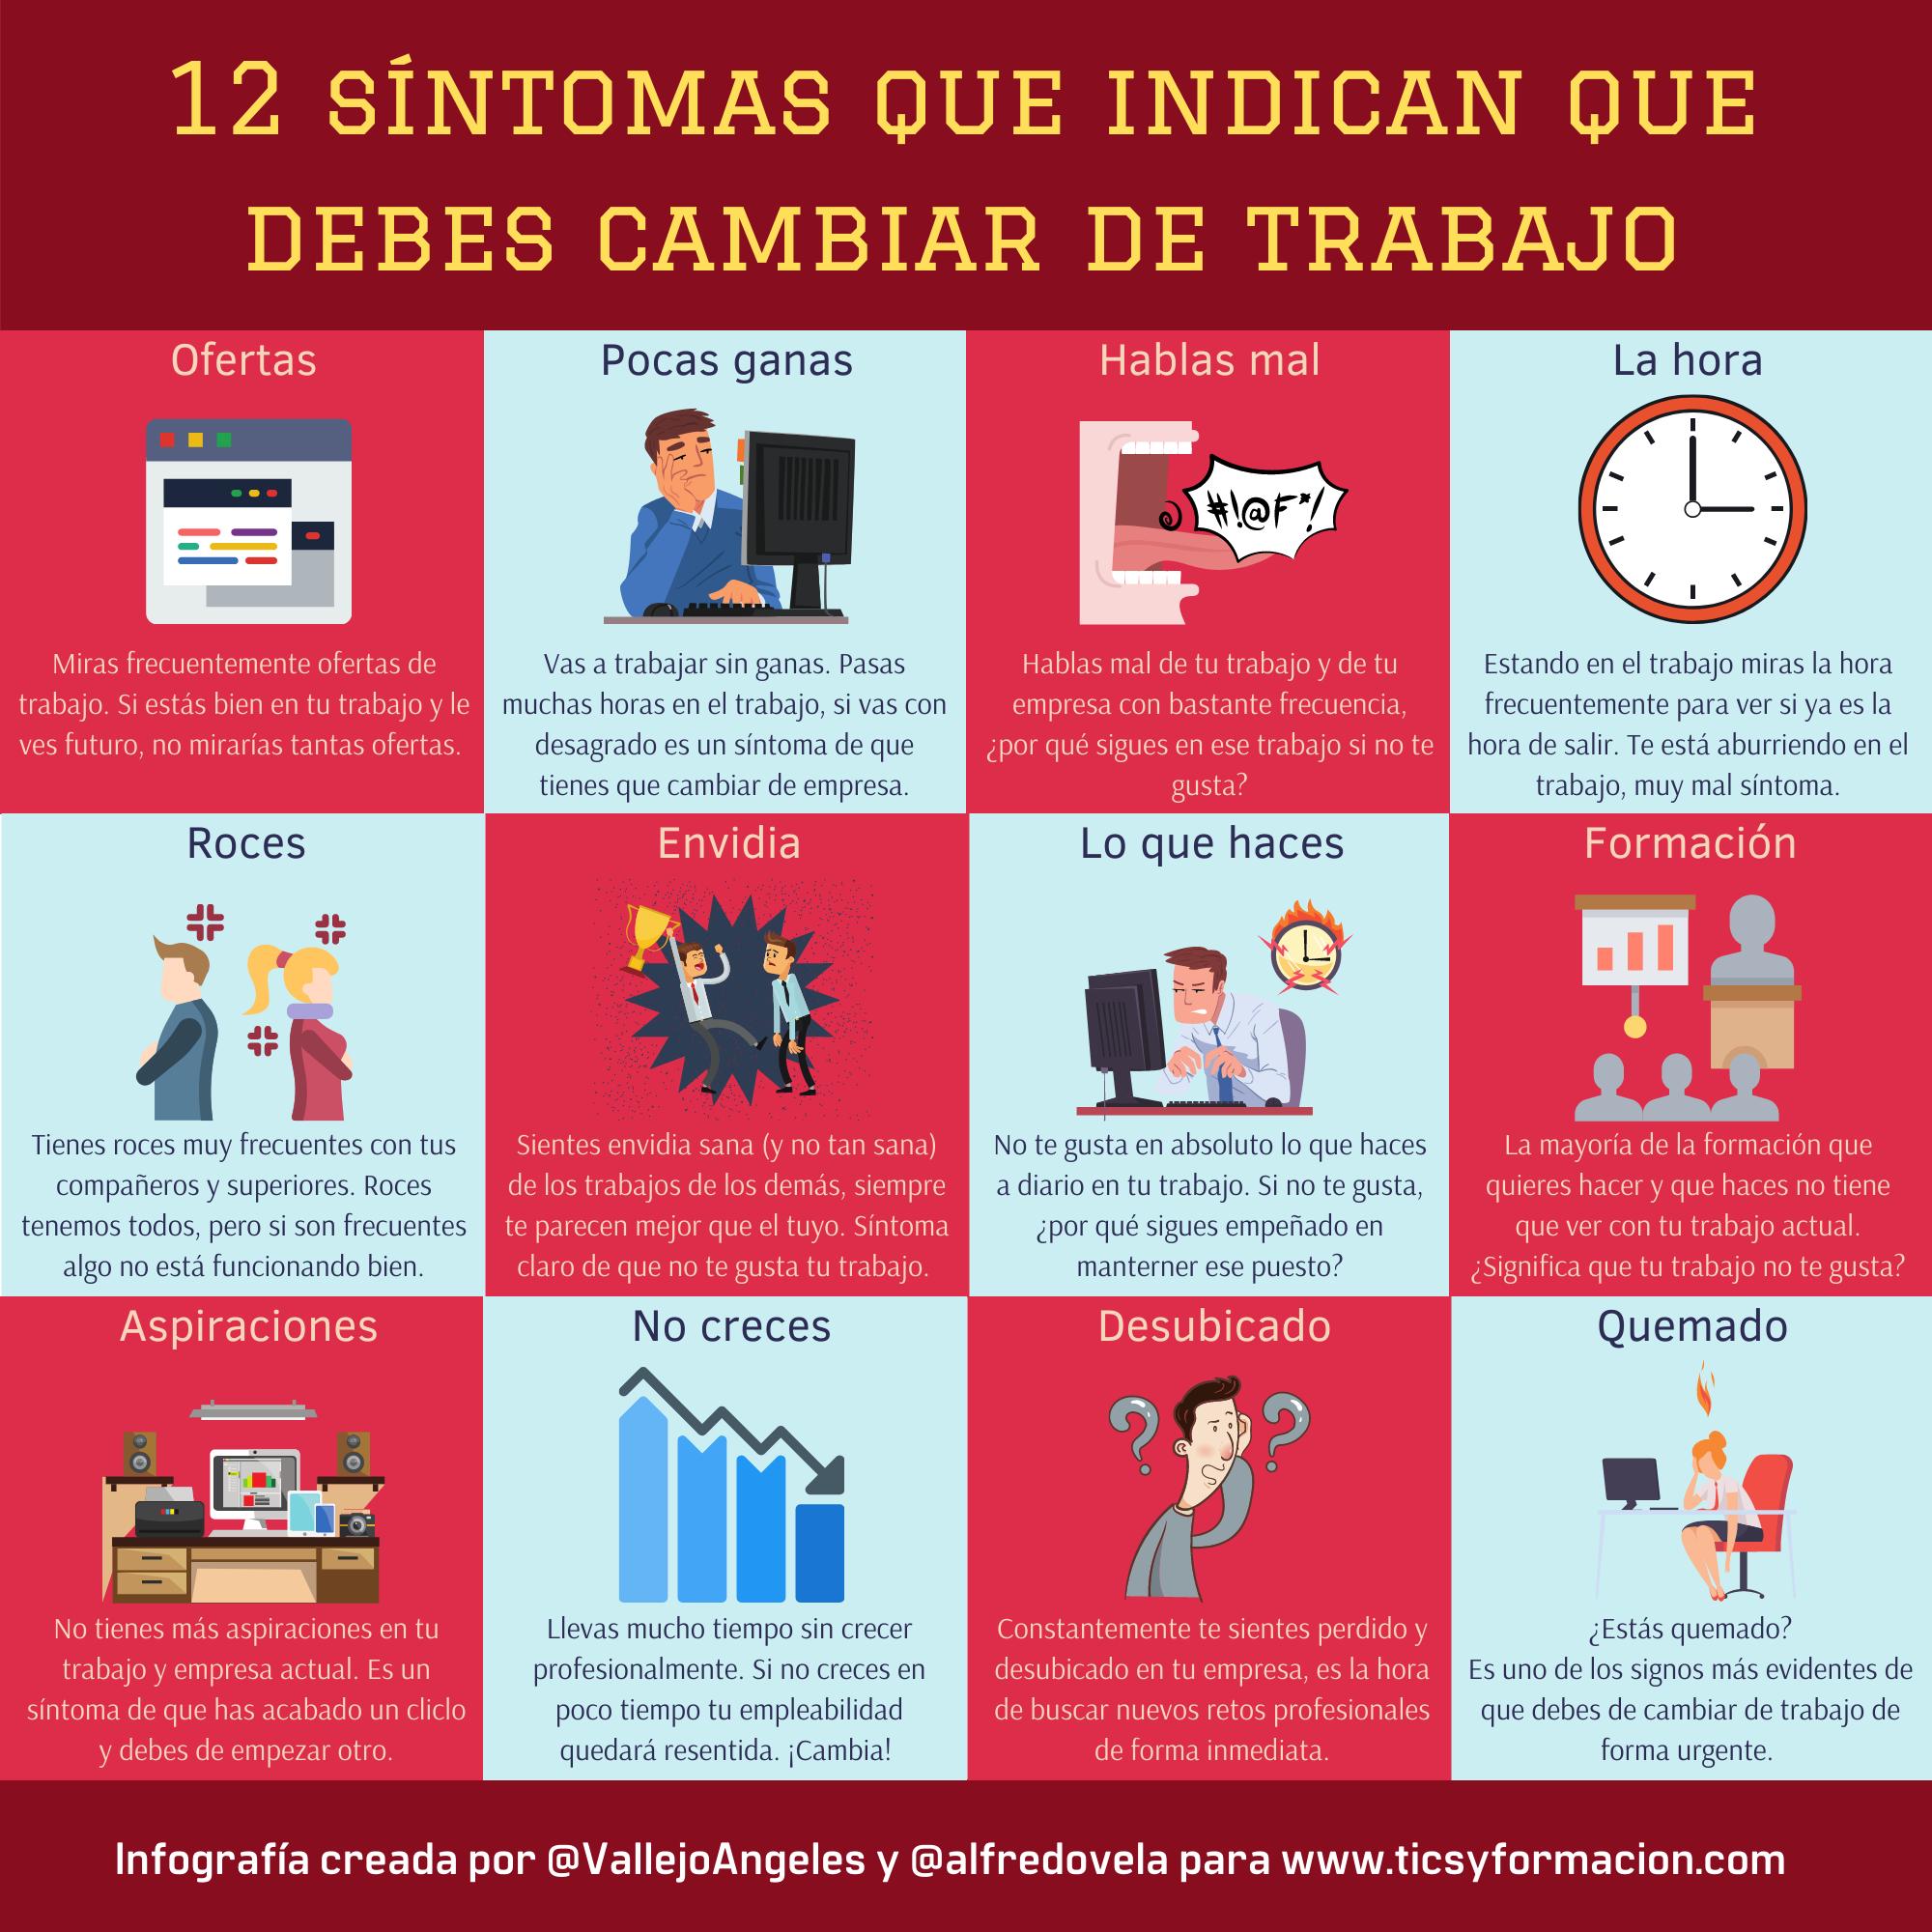 12 síntomas que indican que debes de cambiar de trabajo #infografia #trabajo #FOL #RRHH